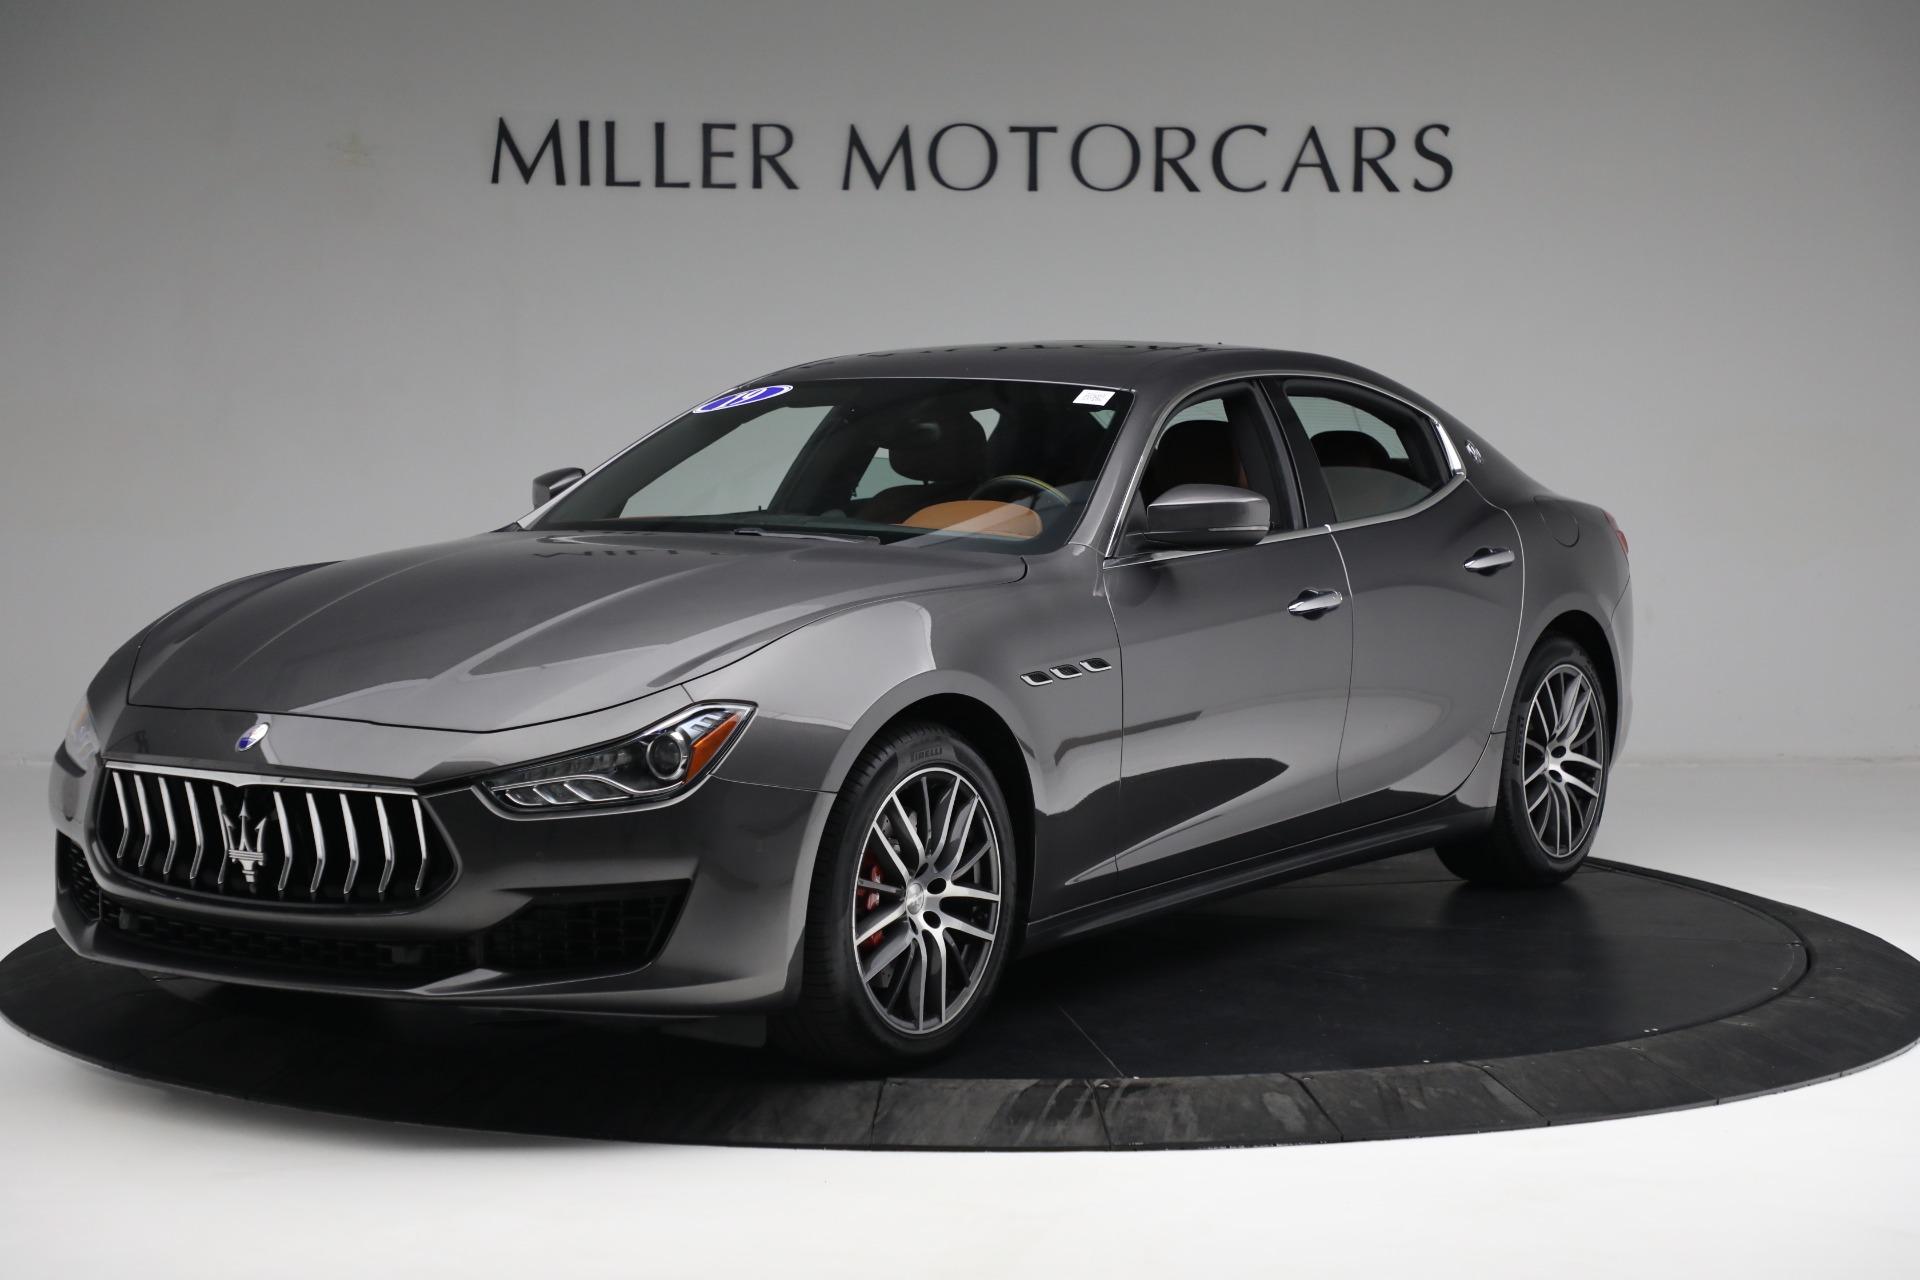 New 2019 Maserati Ghibli S Q4 for sale Sold at Alfa Romeo of Westport in Westport CT 06880 1